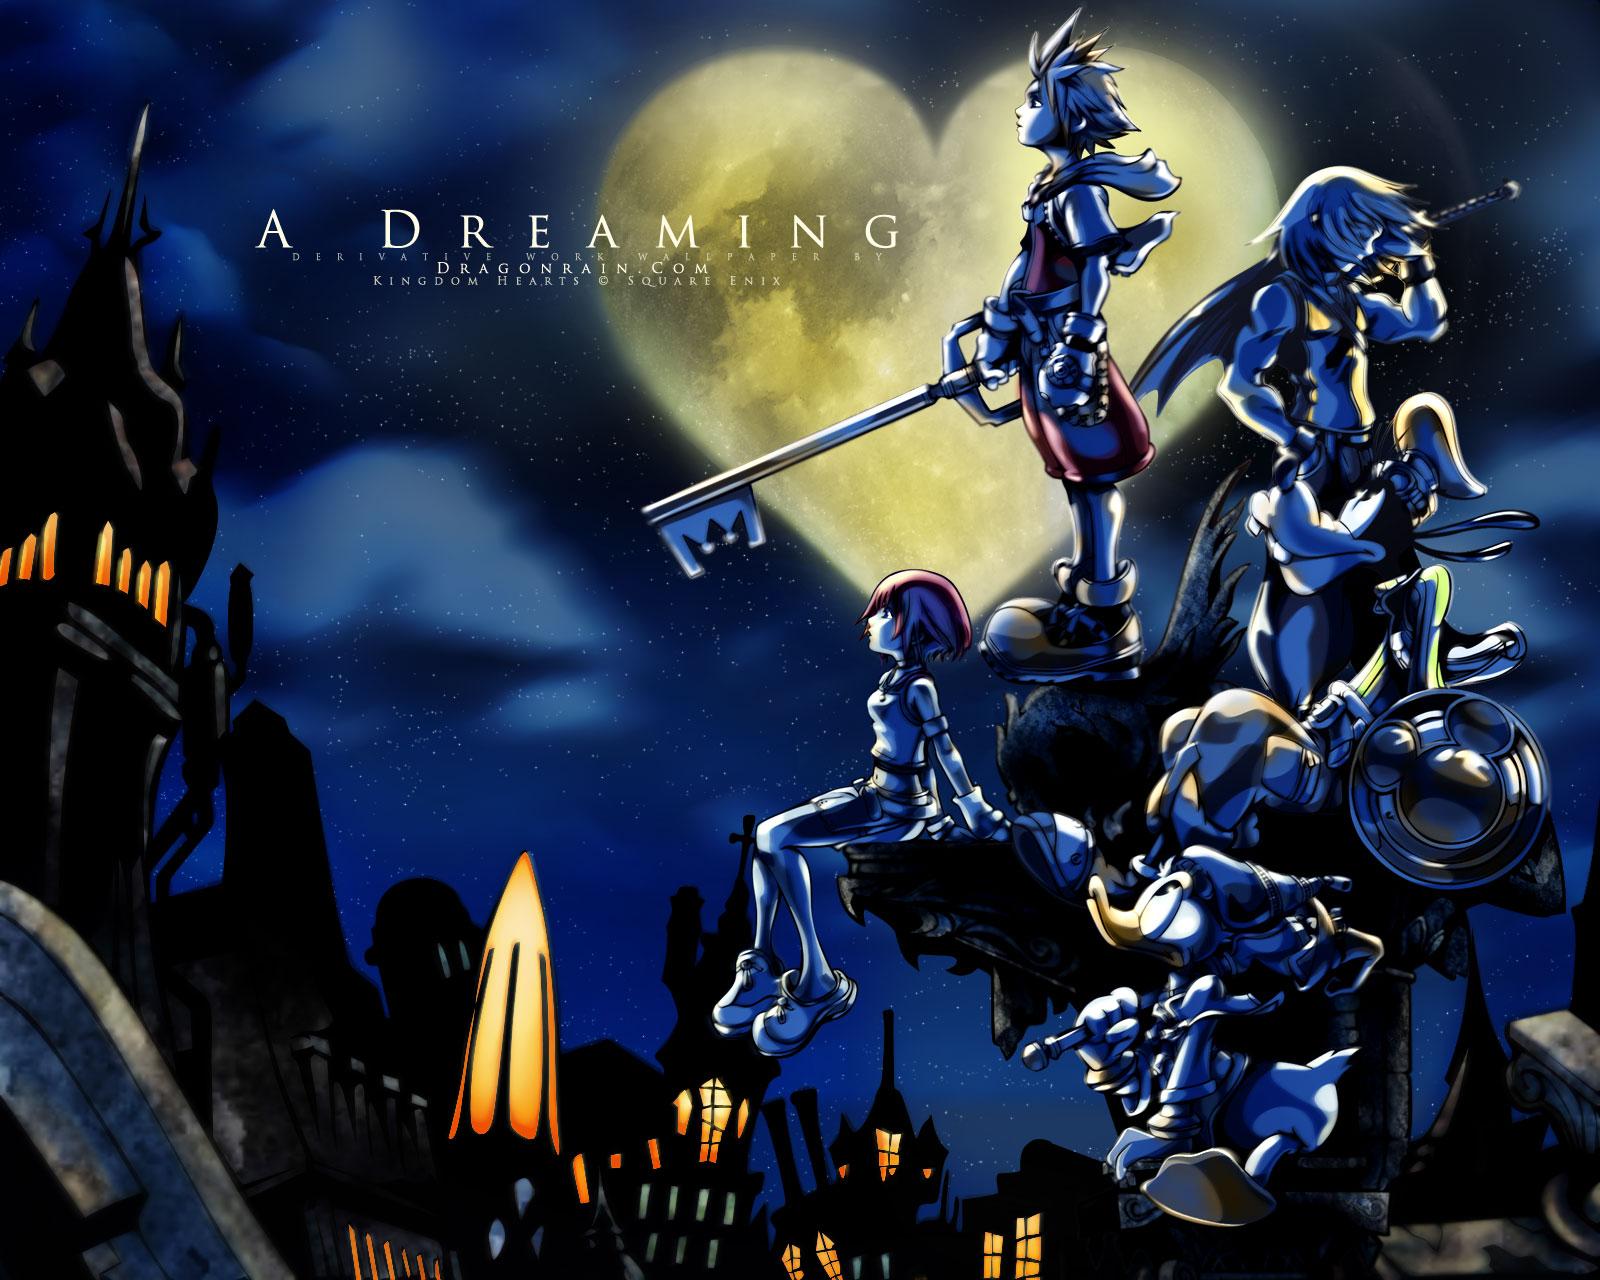 Kingdom Hearts 2 Wallpaper Quotes QuotesGram 1600x1280